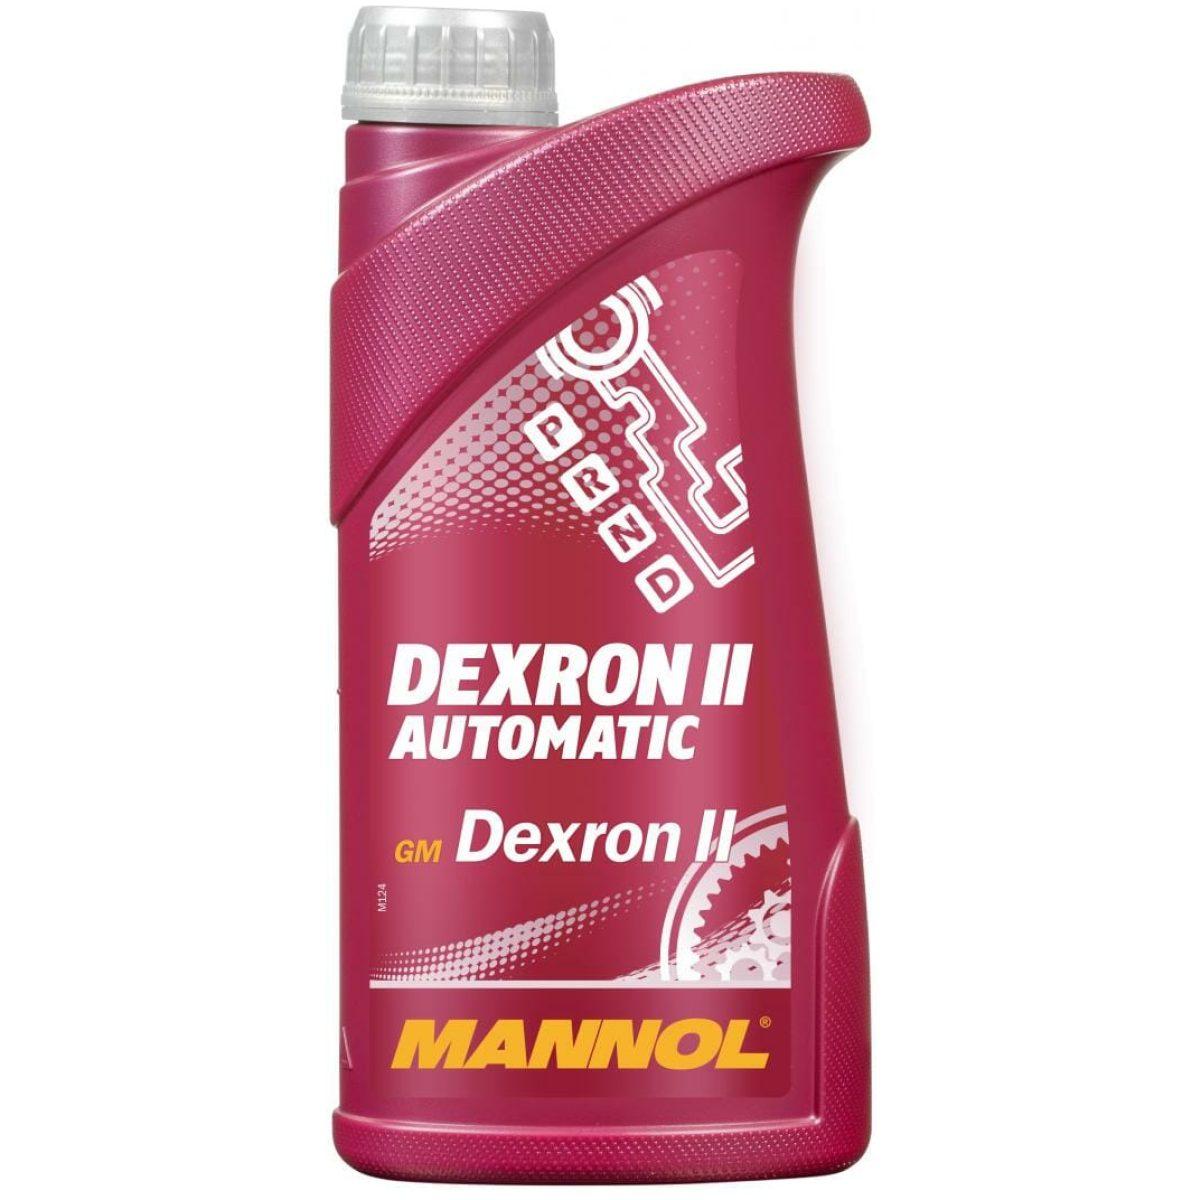 ديكسرون 2